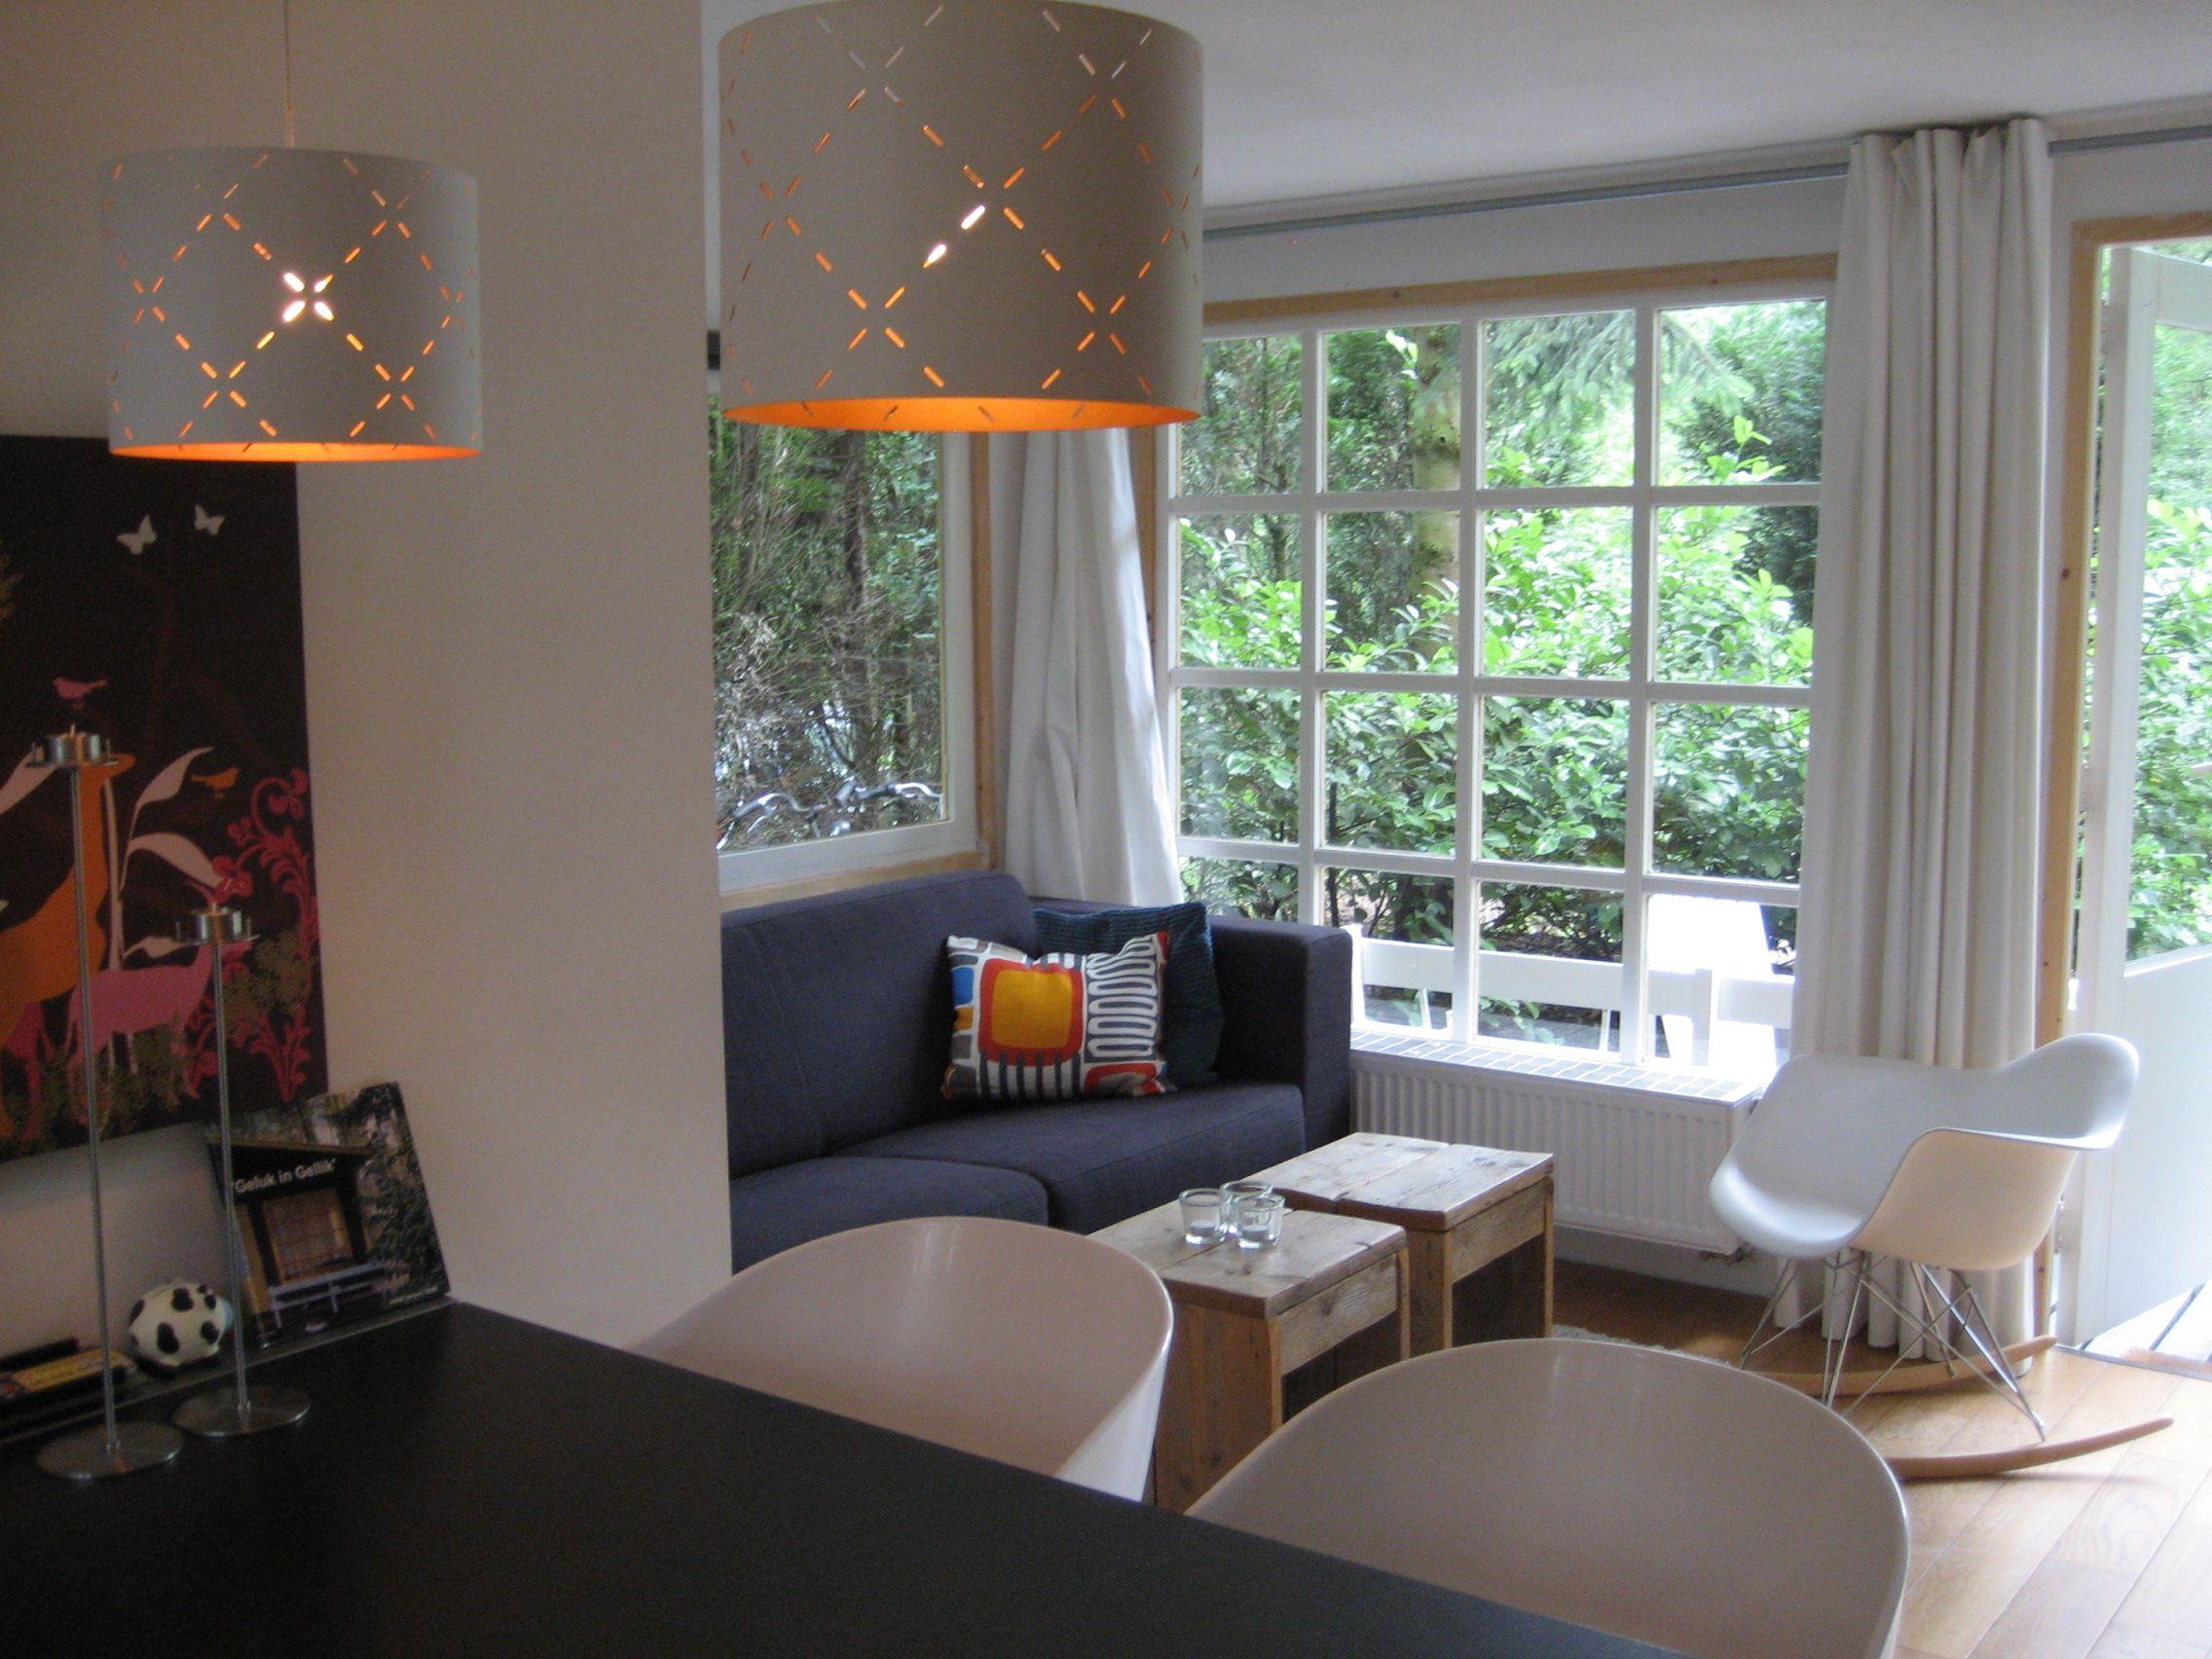 Geluk in Gellik, vakantiehuisje in Belgie 4 personen 9 km van Maastricht